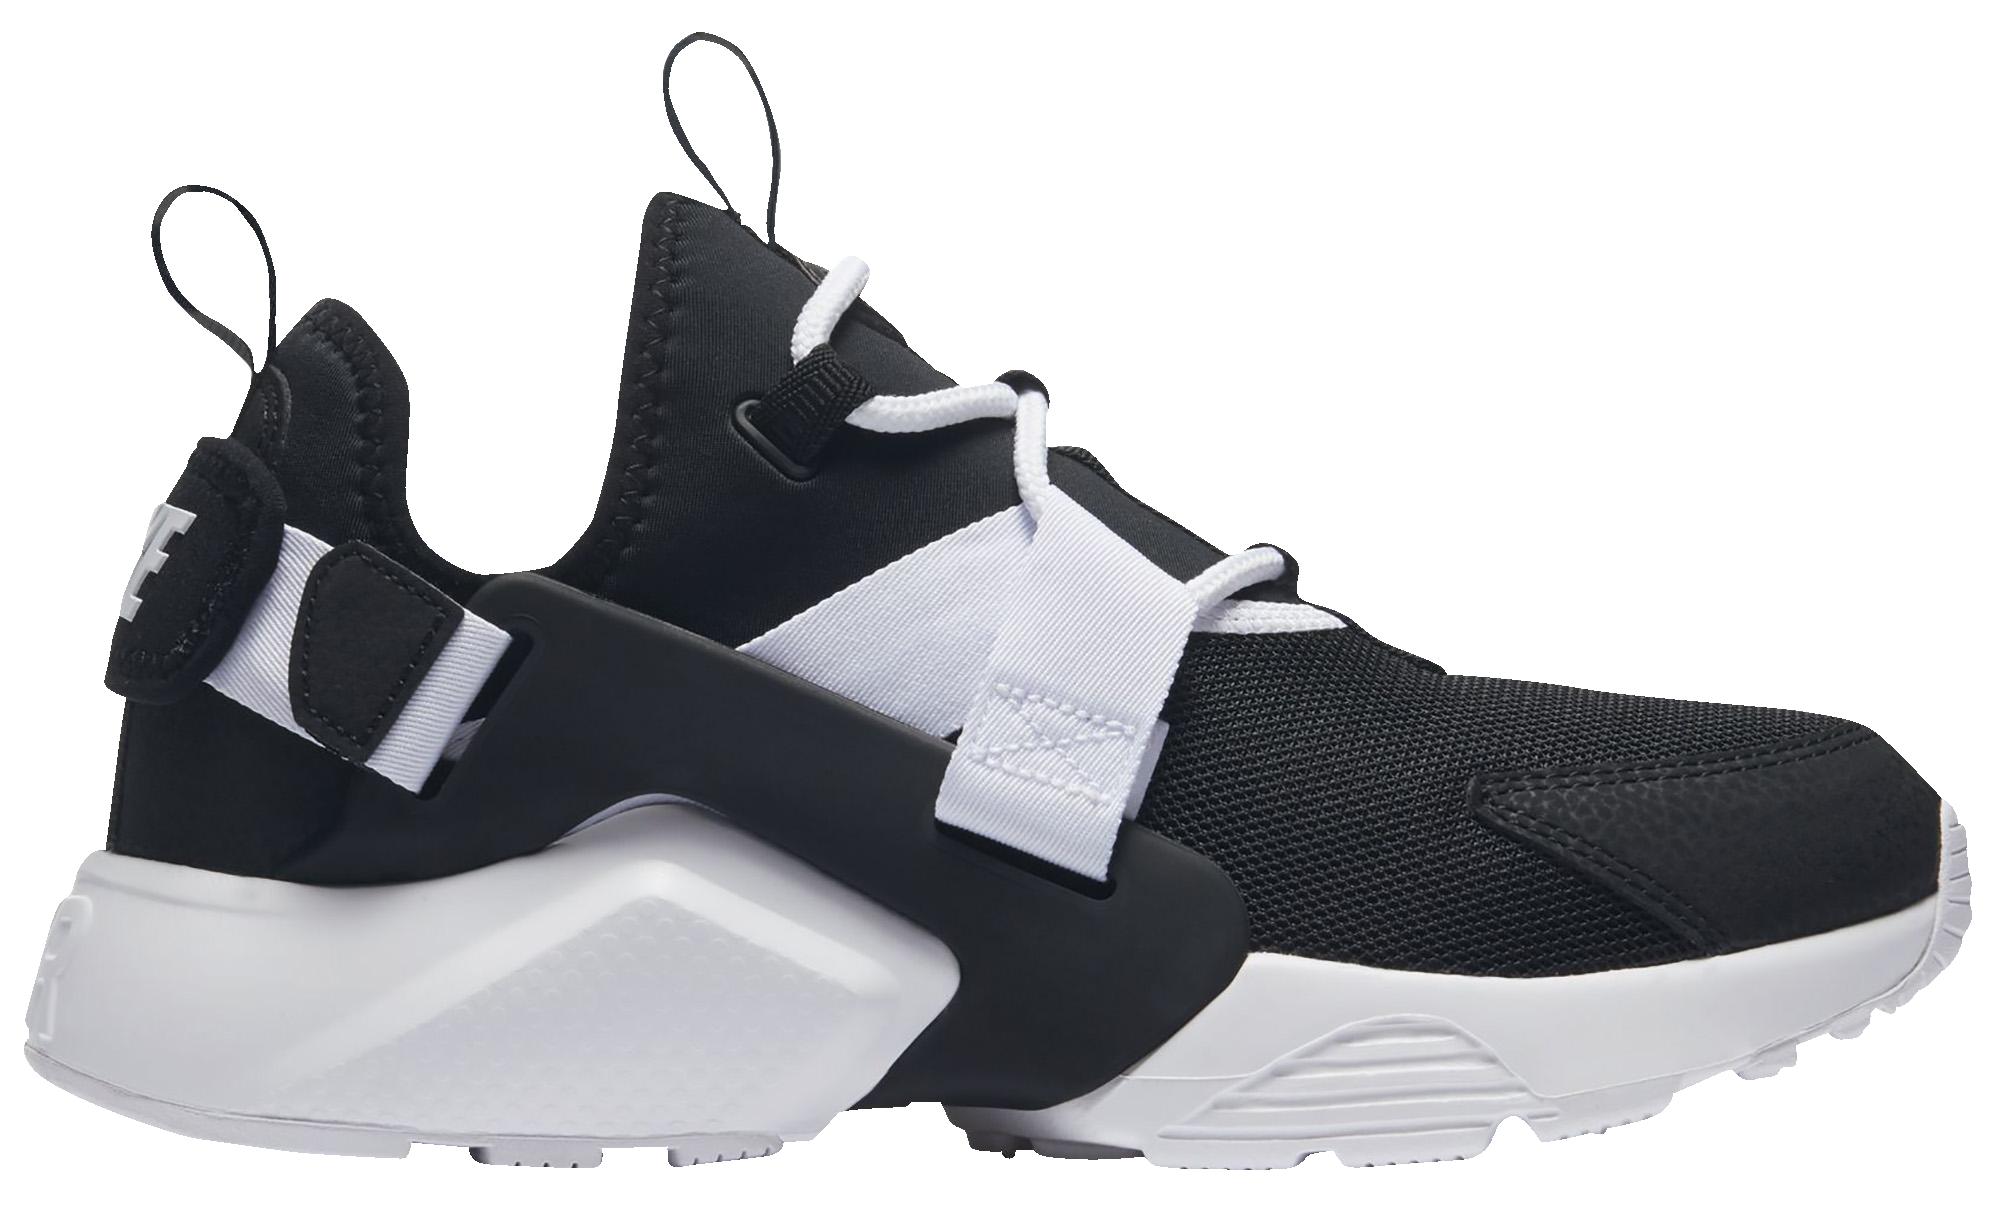 excellent Boutique en ligne Nike Ville Huarache Clipart Noir Et Blanc visiter le nouveau choix en ligne JMUiML3h0P